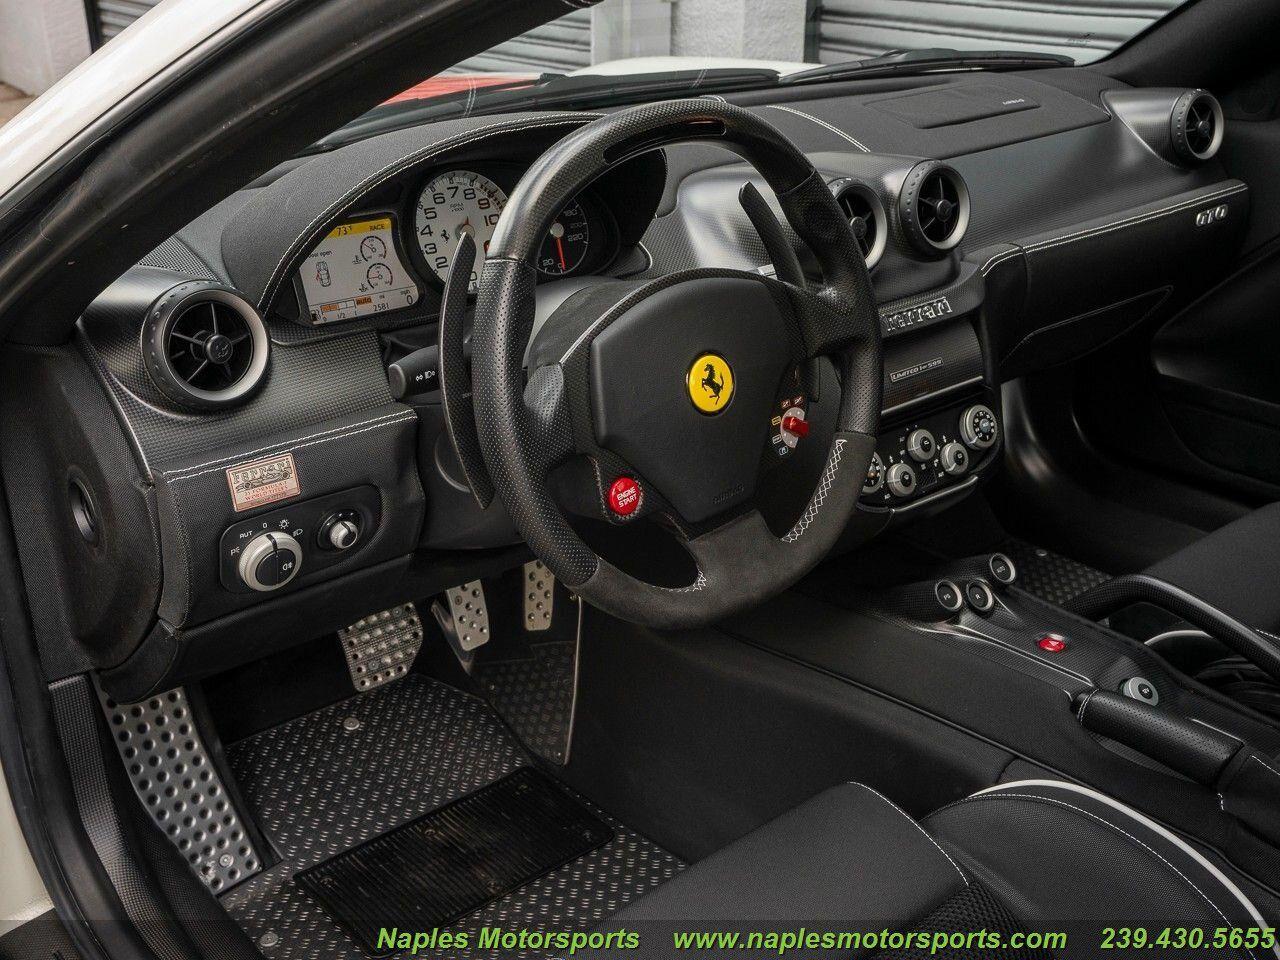 2011 Ferrari 599 GTO Naples Motorsports United States